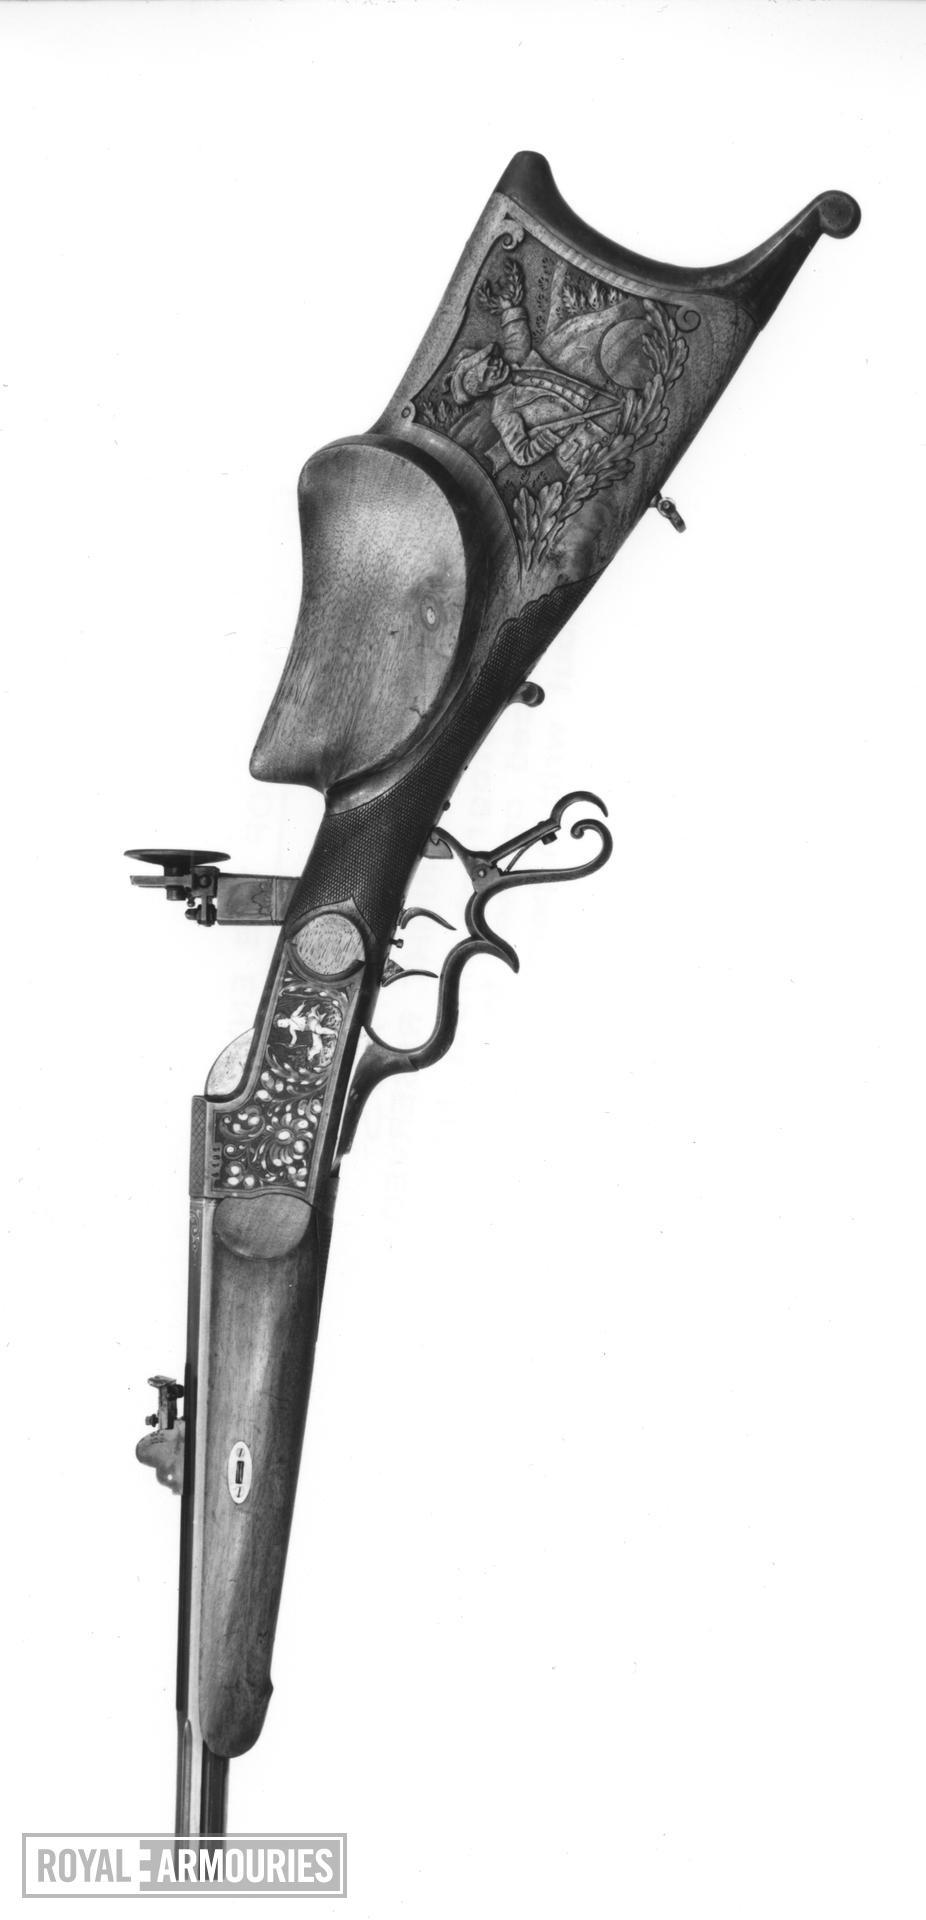 Centrefire breech-loading target rifle - System Buchel Schutzen target rifle